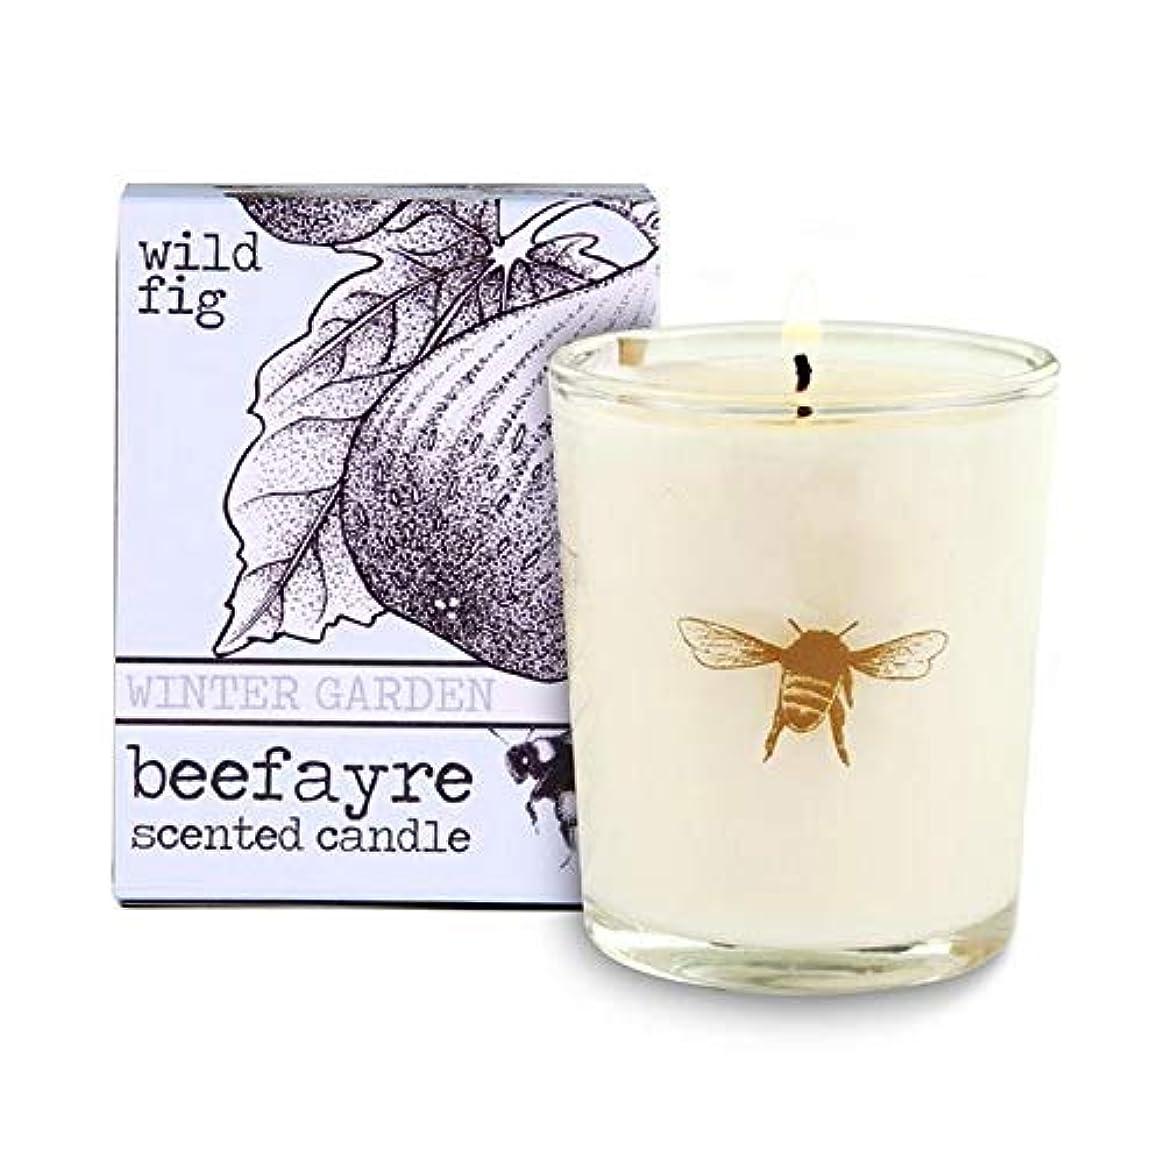 ワインセッティング半島[Beefayre] 野生のイチジク小さな香りのキャンドルBeefayre - Beefayre Wild Fig Small Scented Candle [並行輸入品]